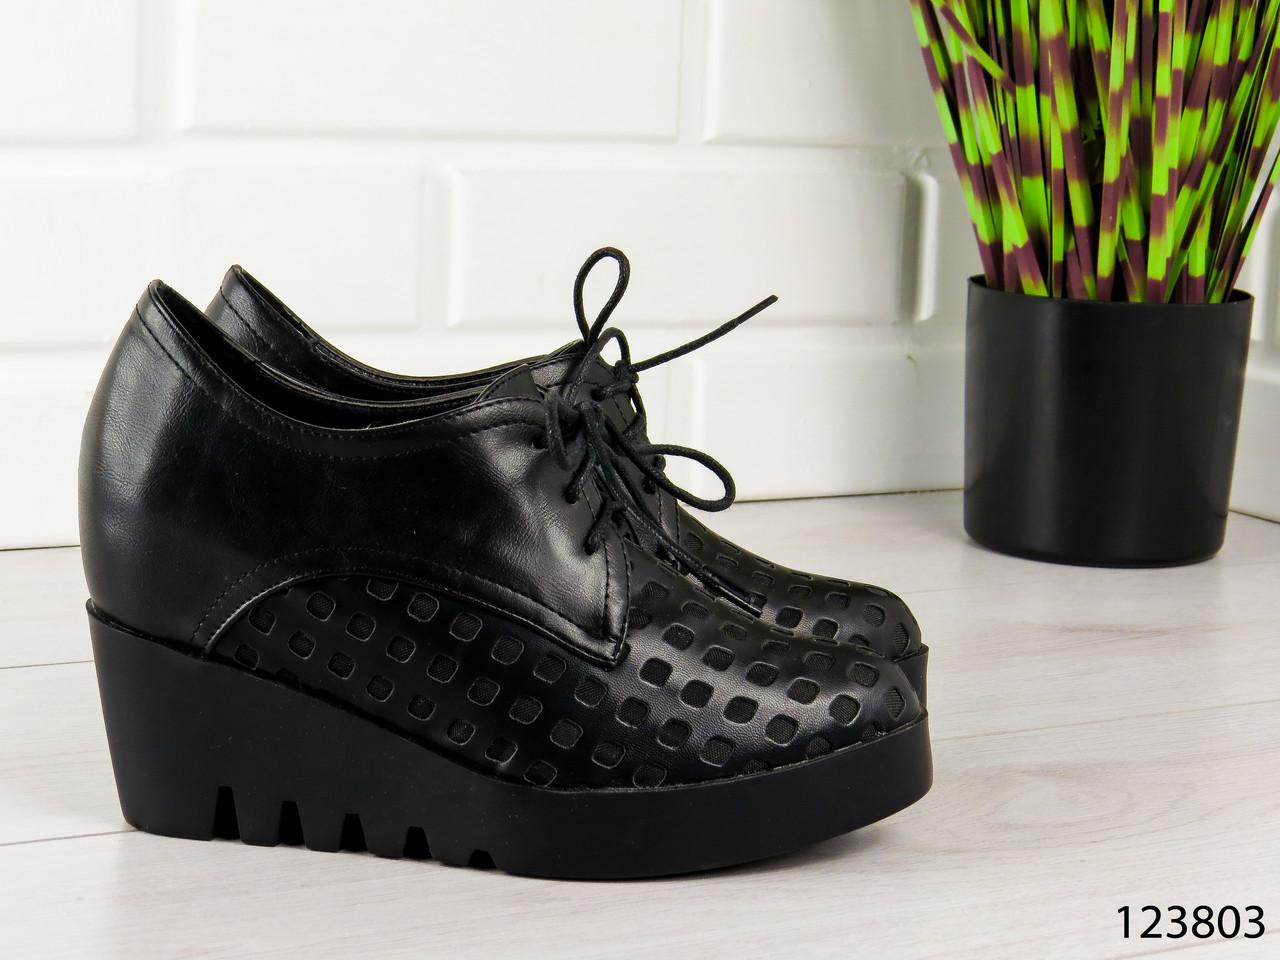 """Туфлі жіночі, чорні """"Sole Z"""", еко шкіра, мокасини жіночі, балетки жіночі, повсякденне взуття"""